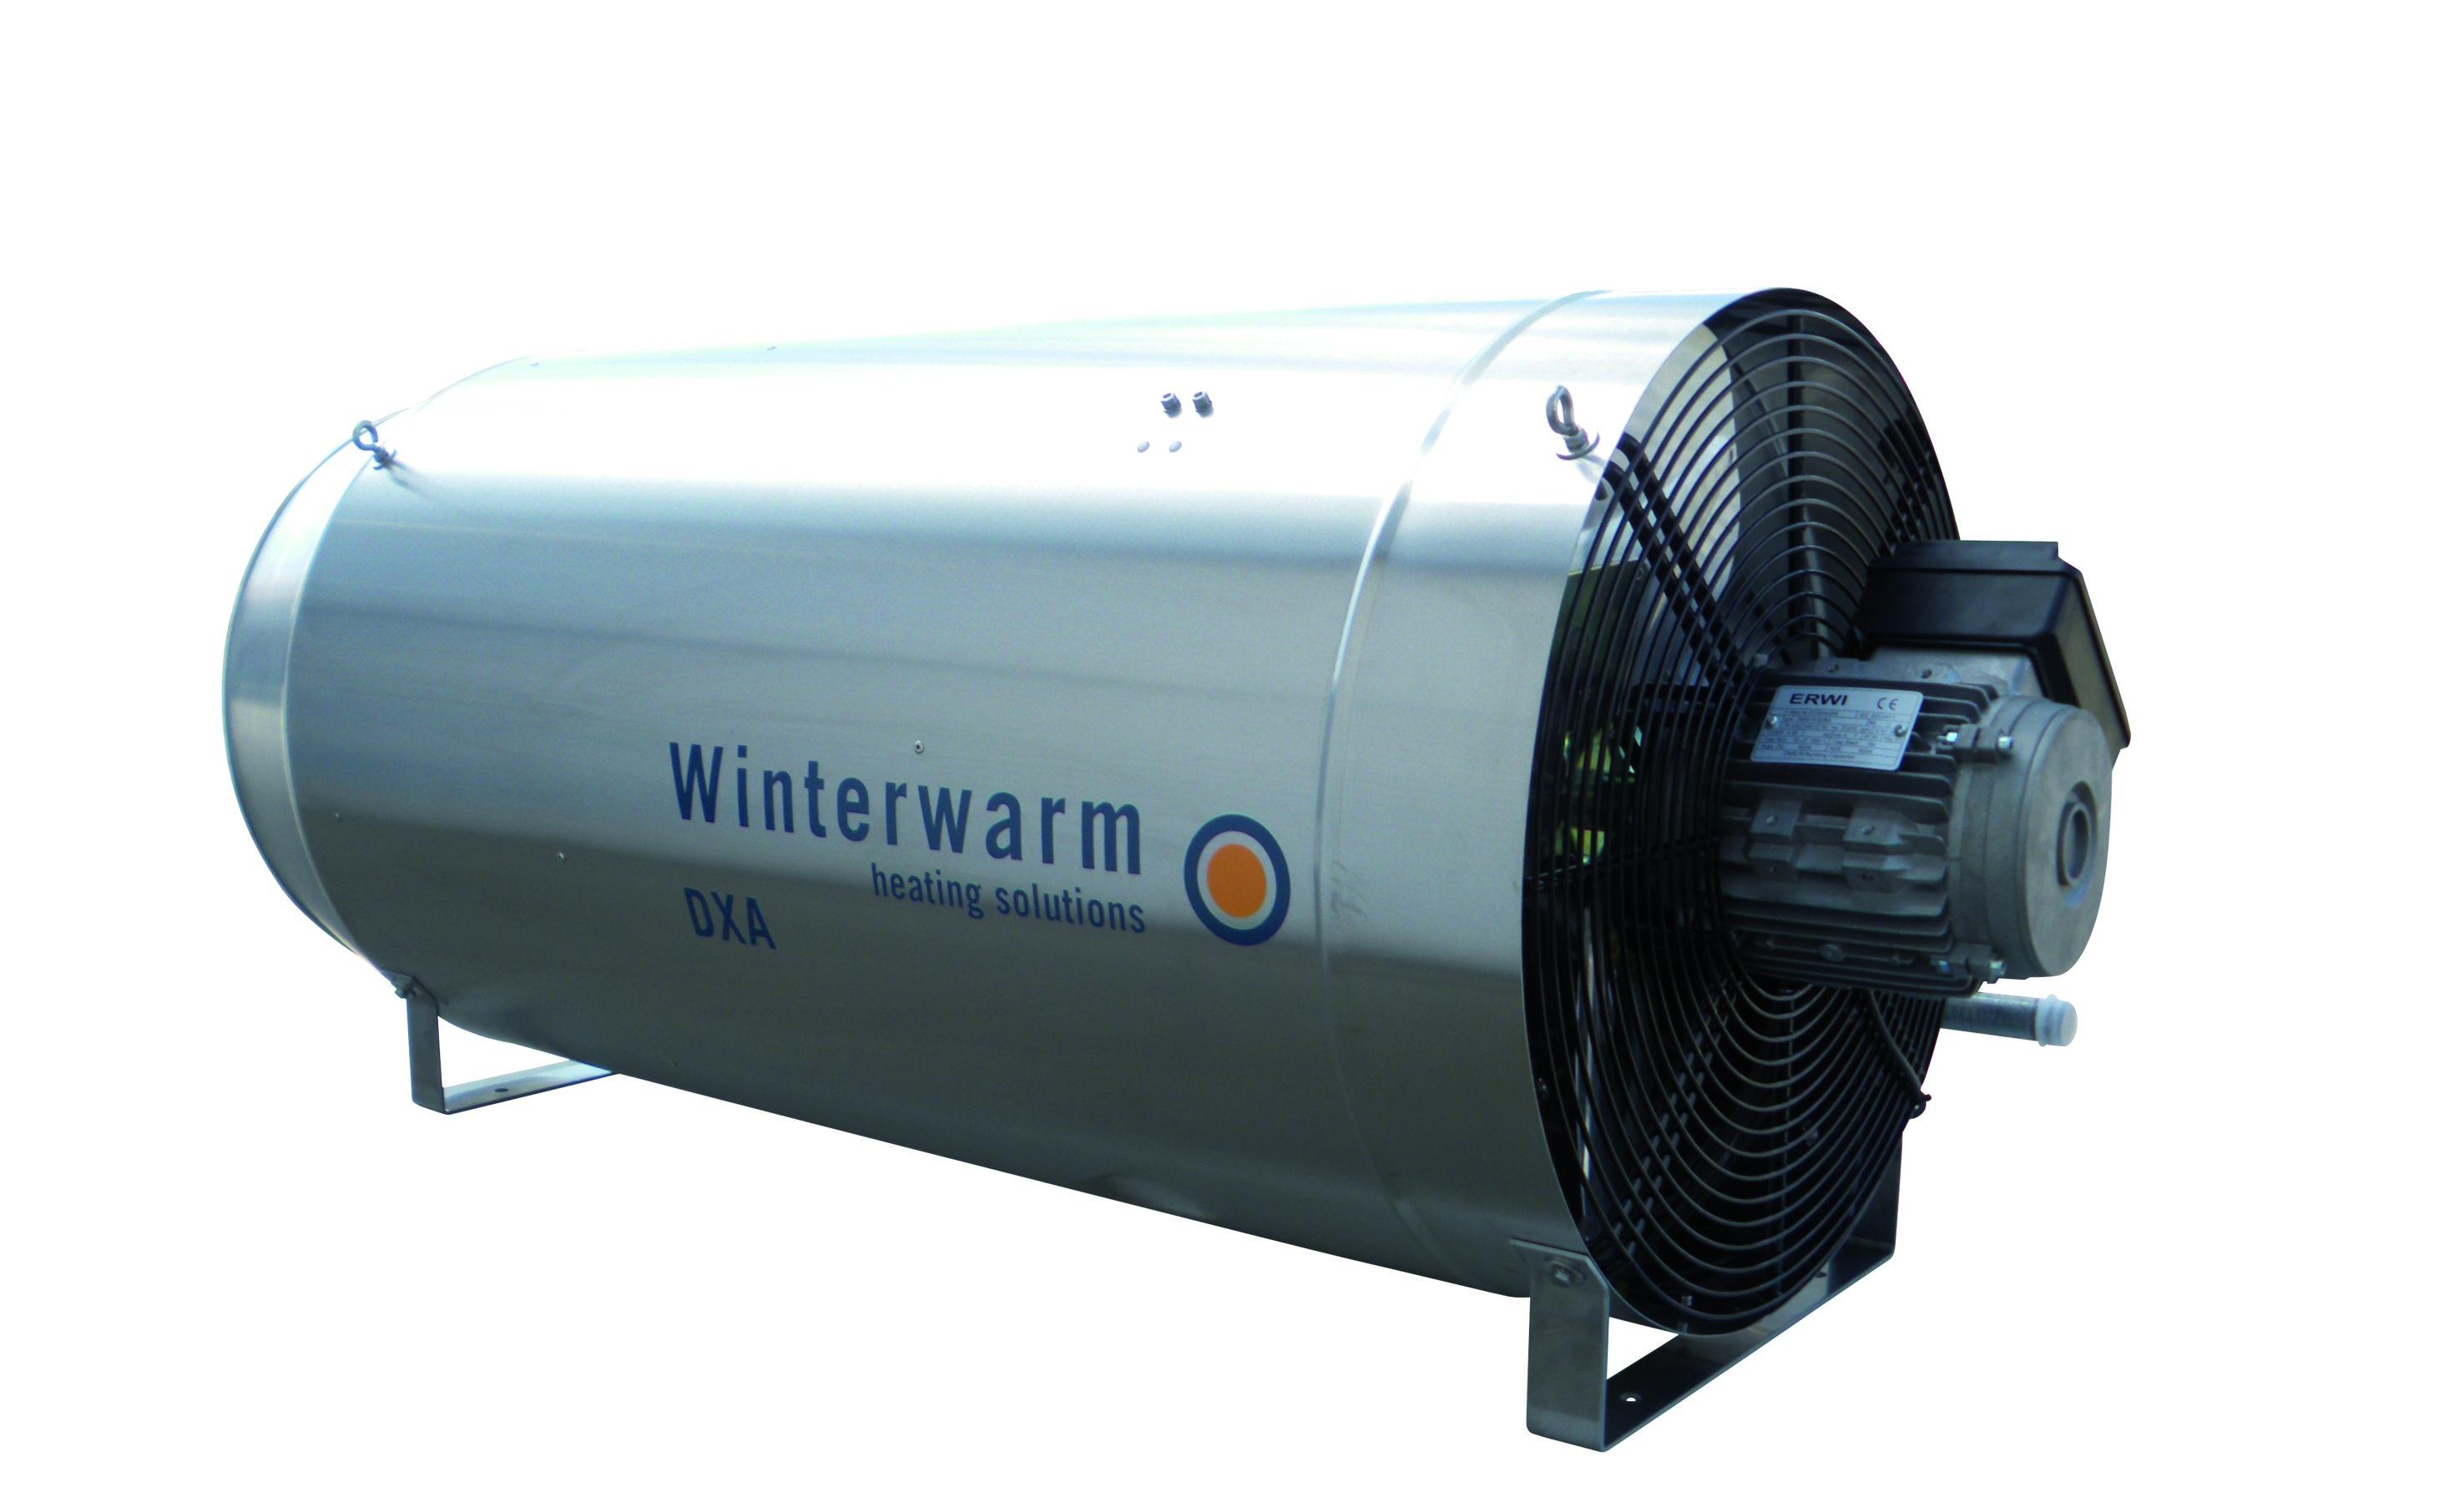 Wizualizacja nagrzewnicy gazowej Winterwarm DXA.